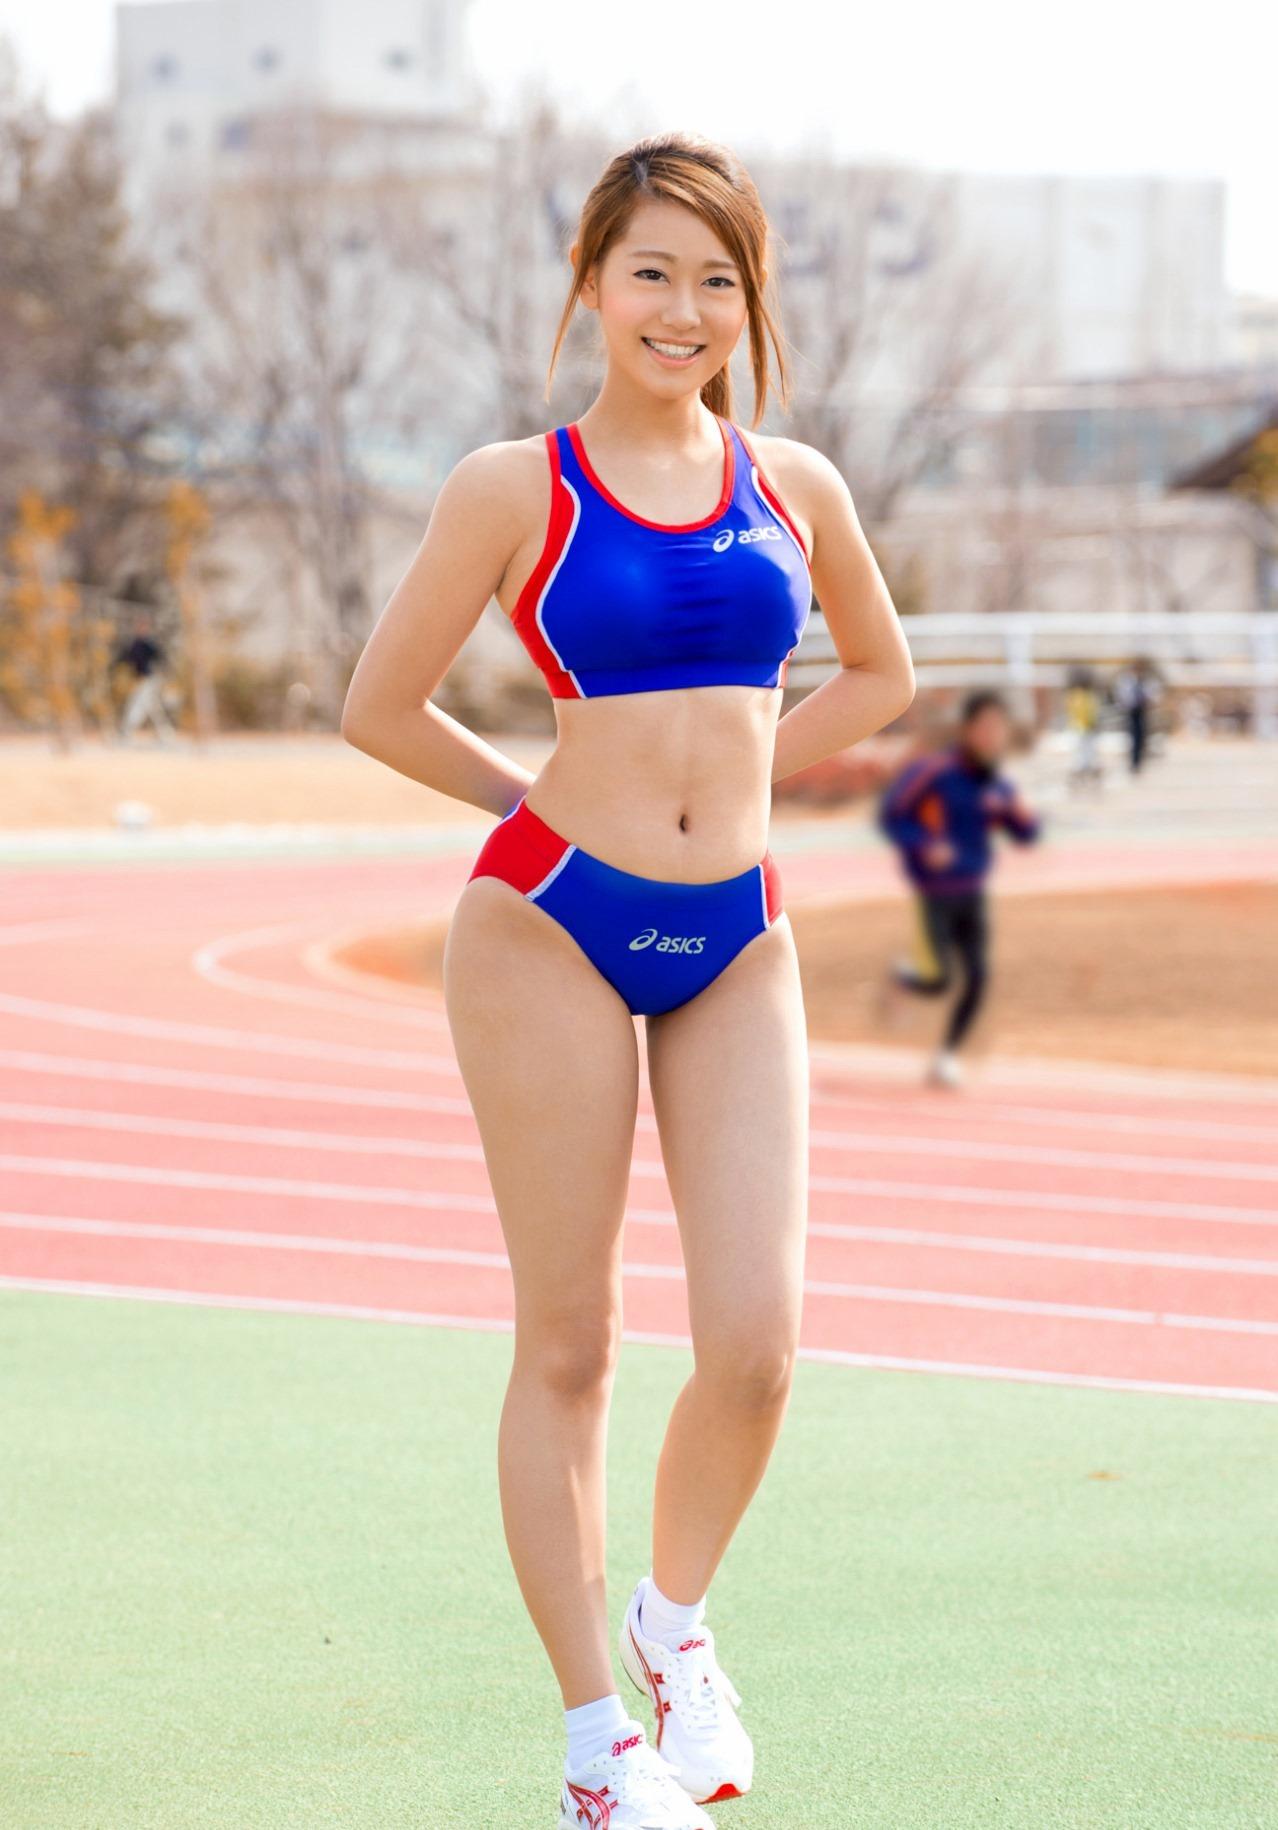 三次元 3次元 エロ画像 スポーツブラ べっぴん娘通信 011